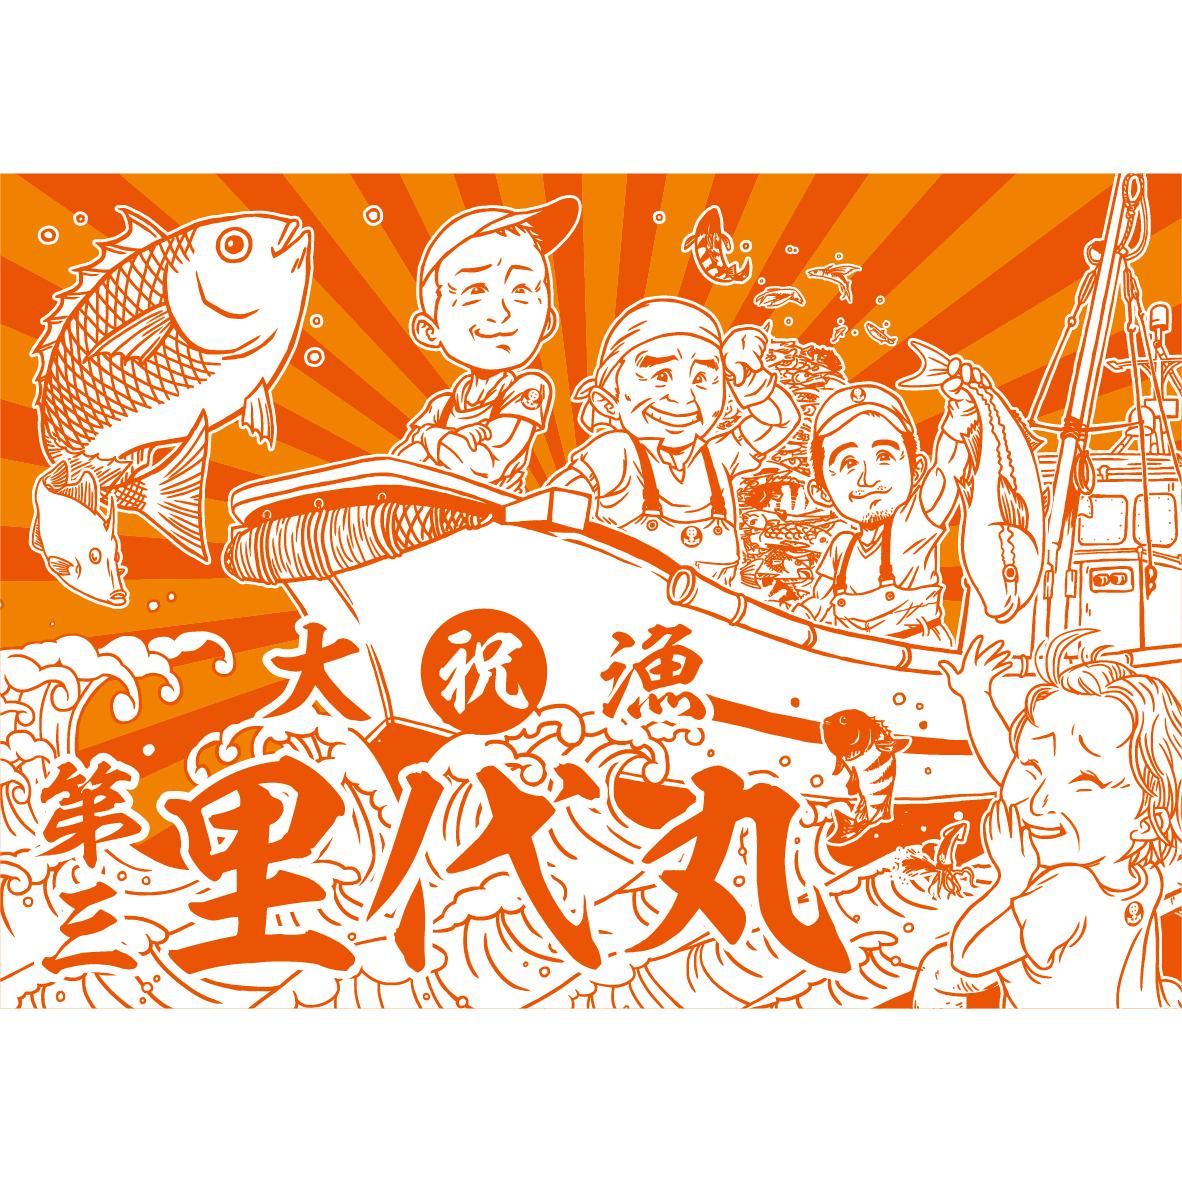 里代丸様大漁旗